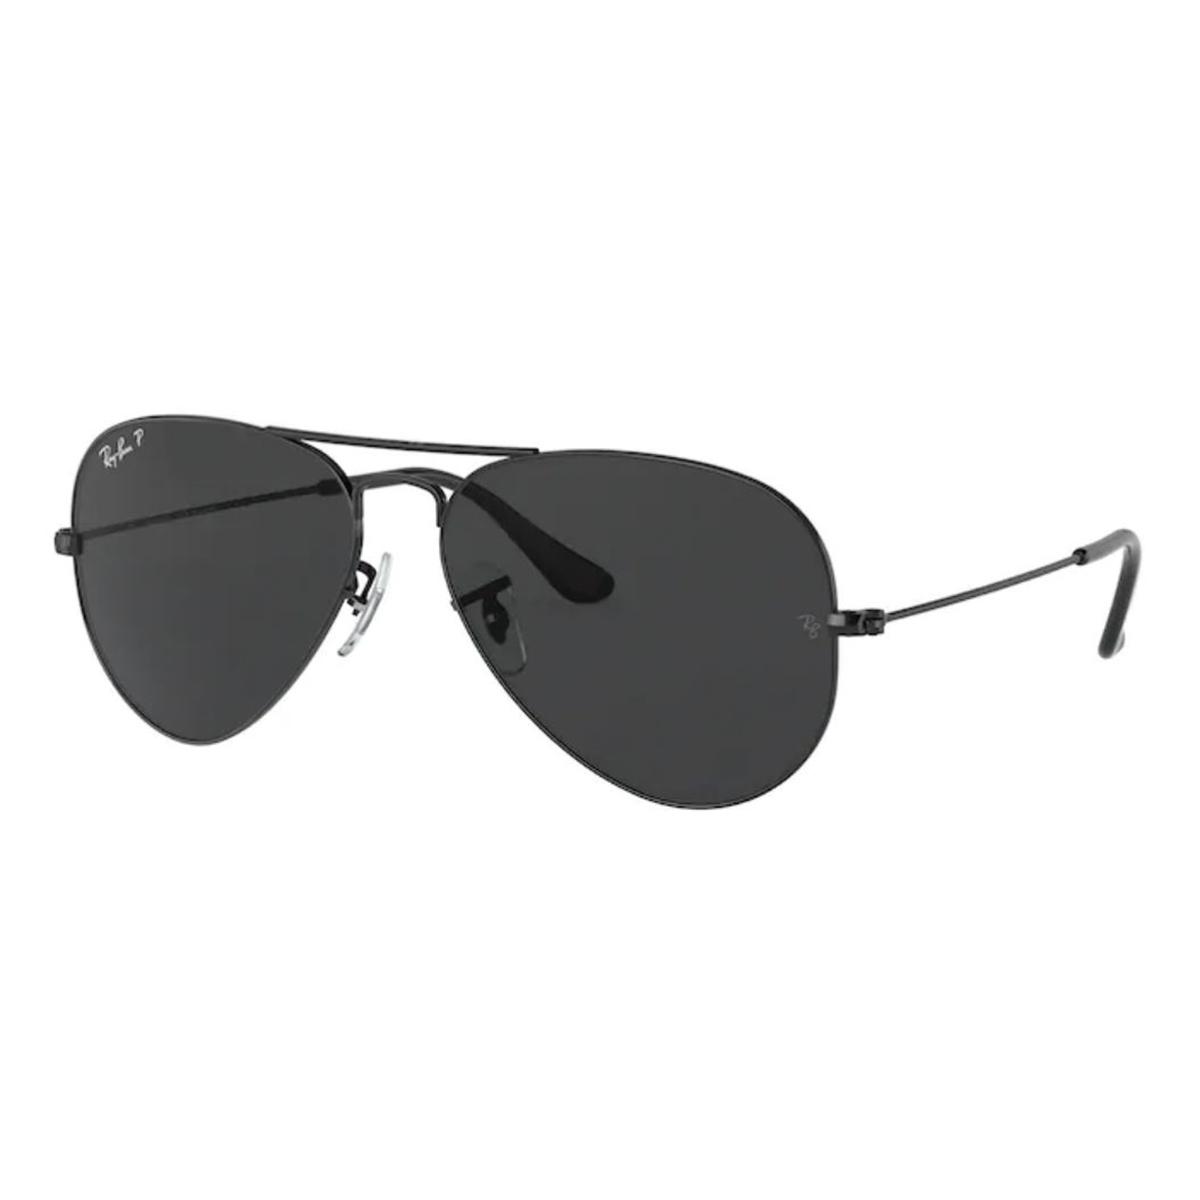 Óculos de Sol RayBan Aviator RB3025 Preto Black Polarizado